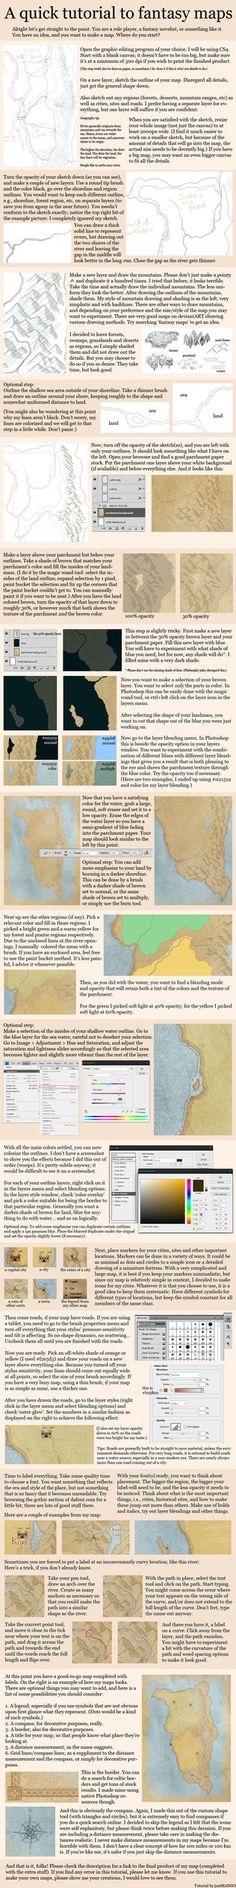 map design